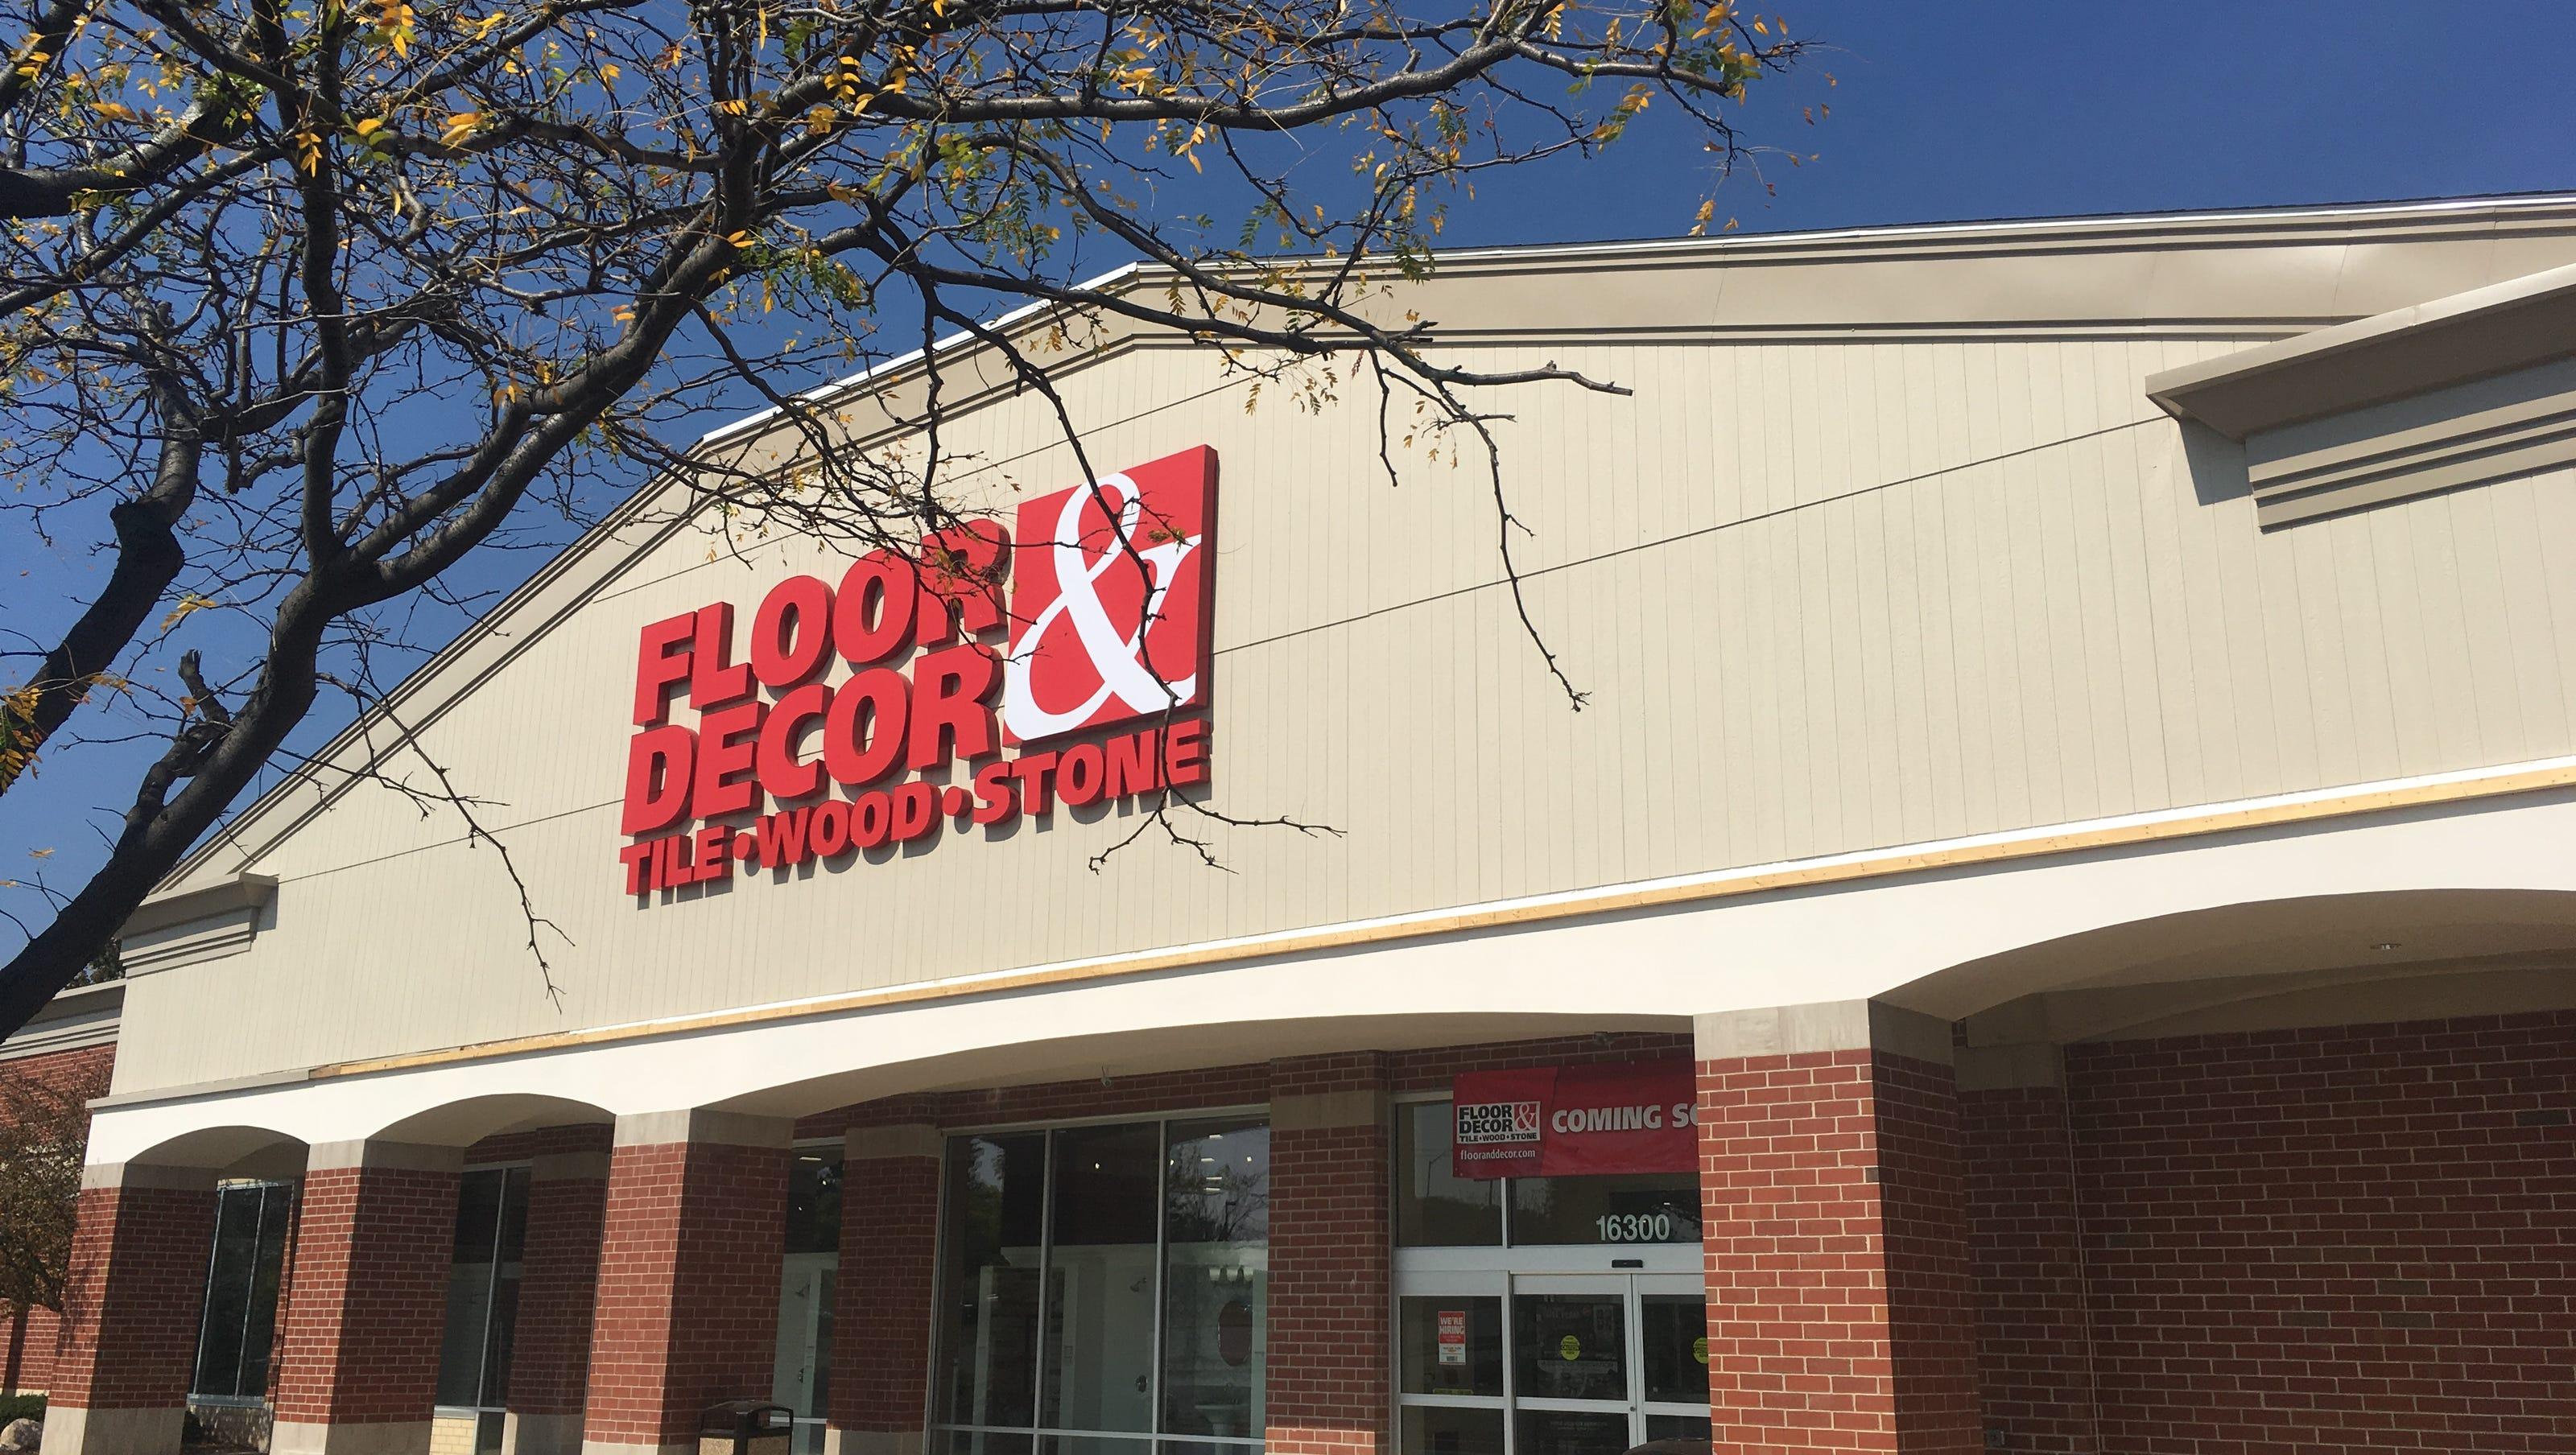 Wisconsin's first Floor & Decor store